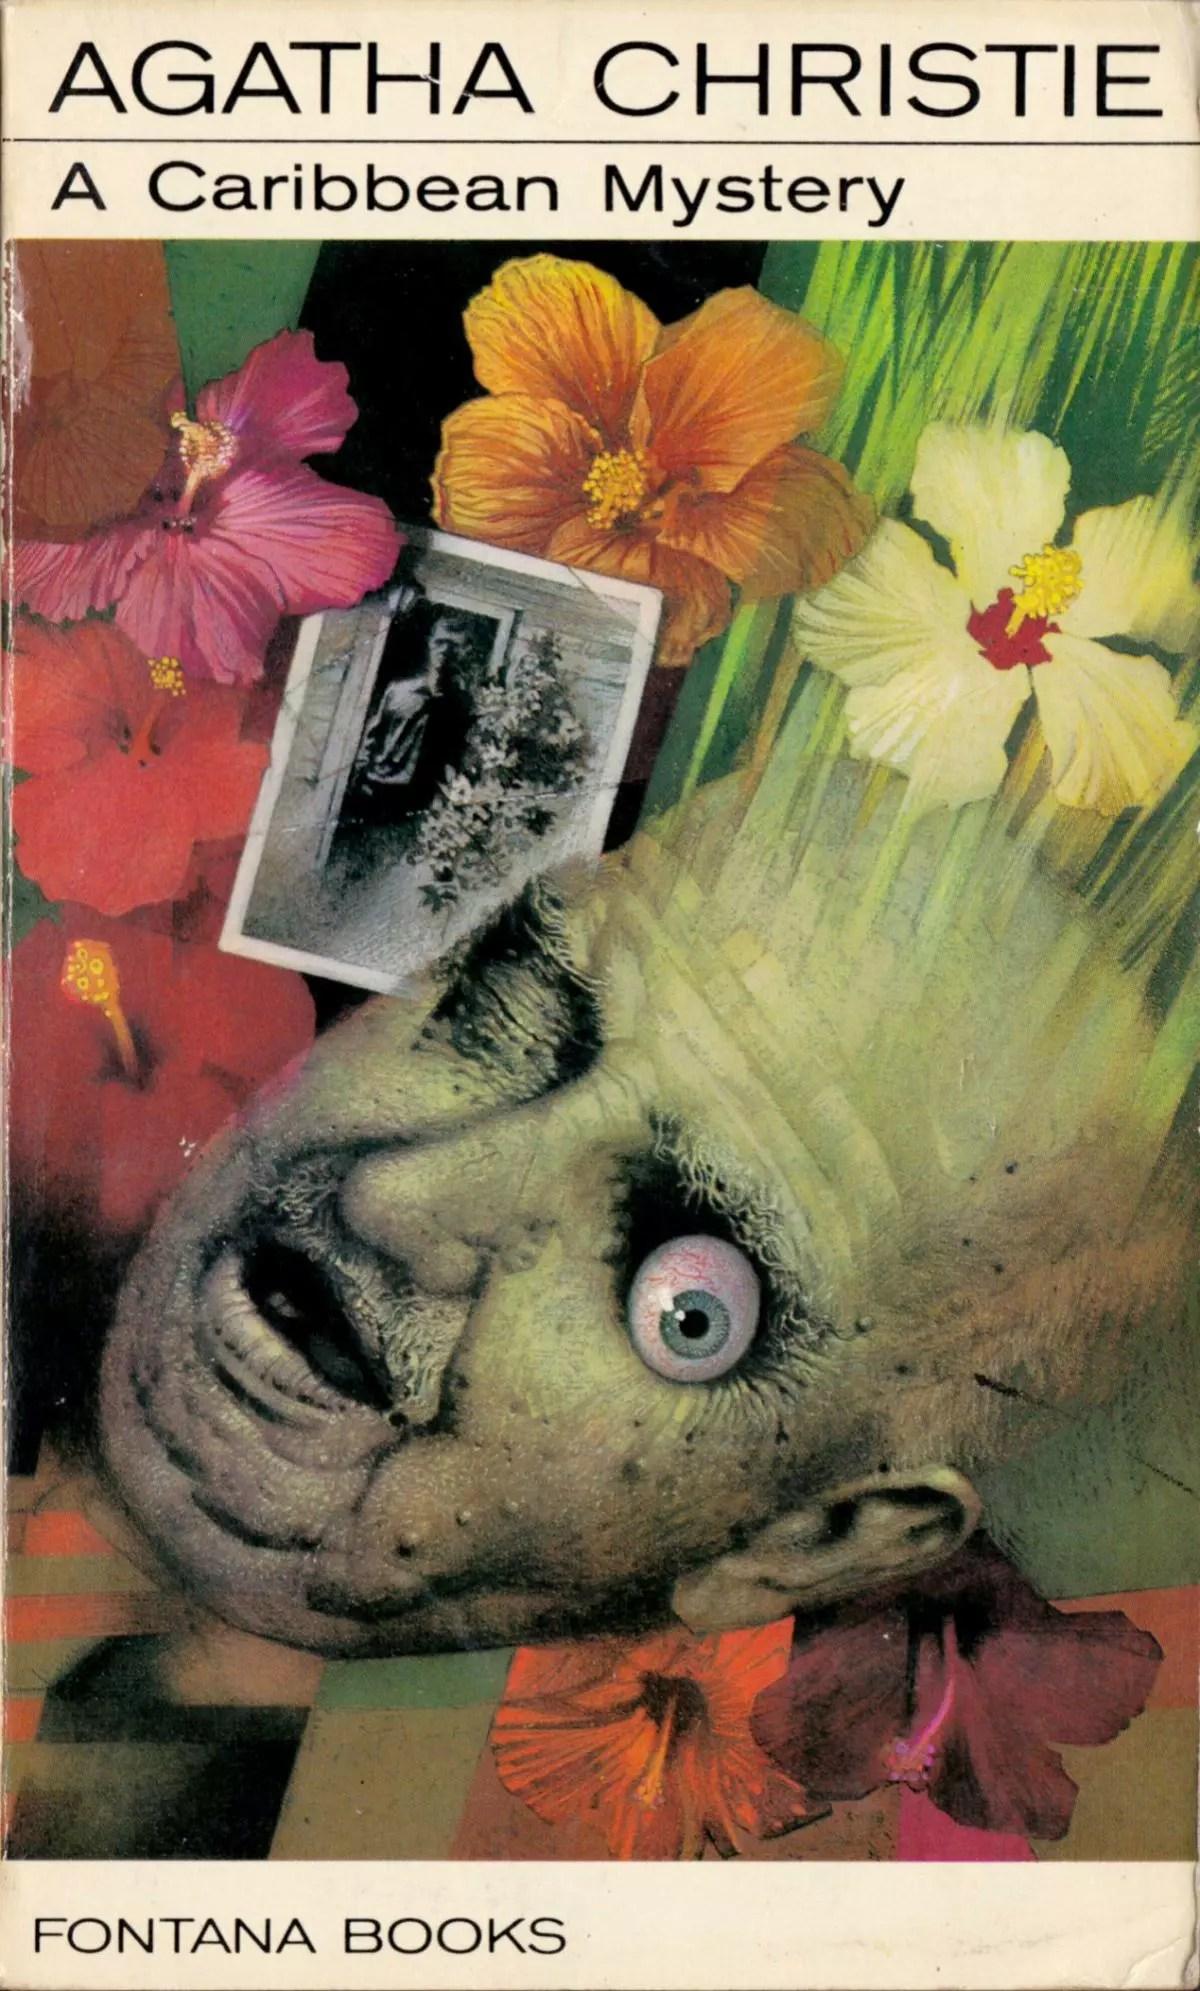 Agatha Christie Tom Adams A Caribbean Mystery Fontana 1975